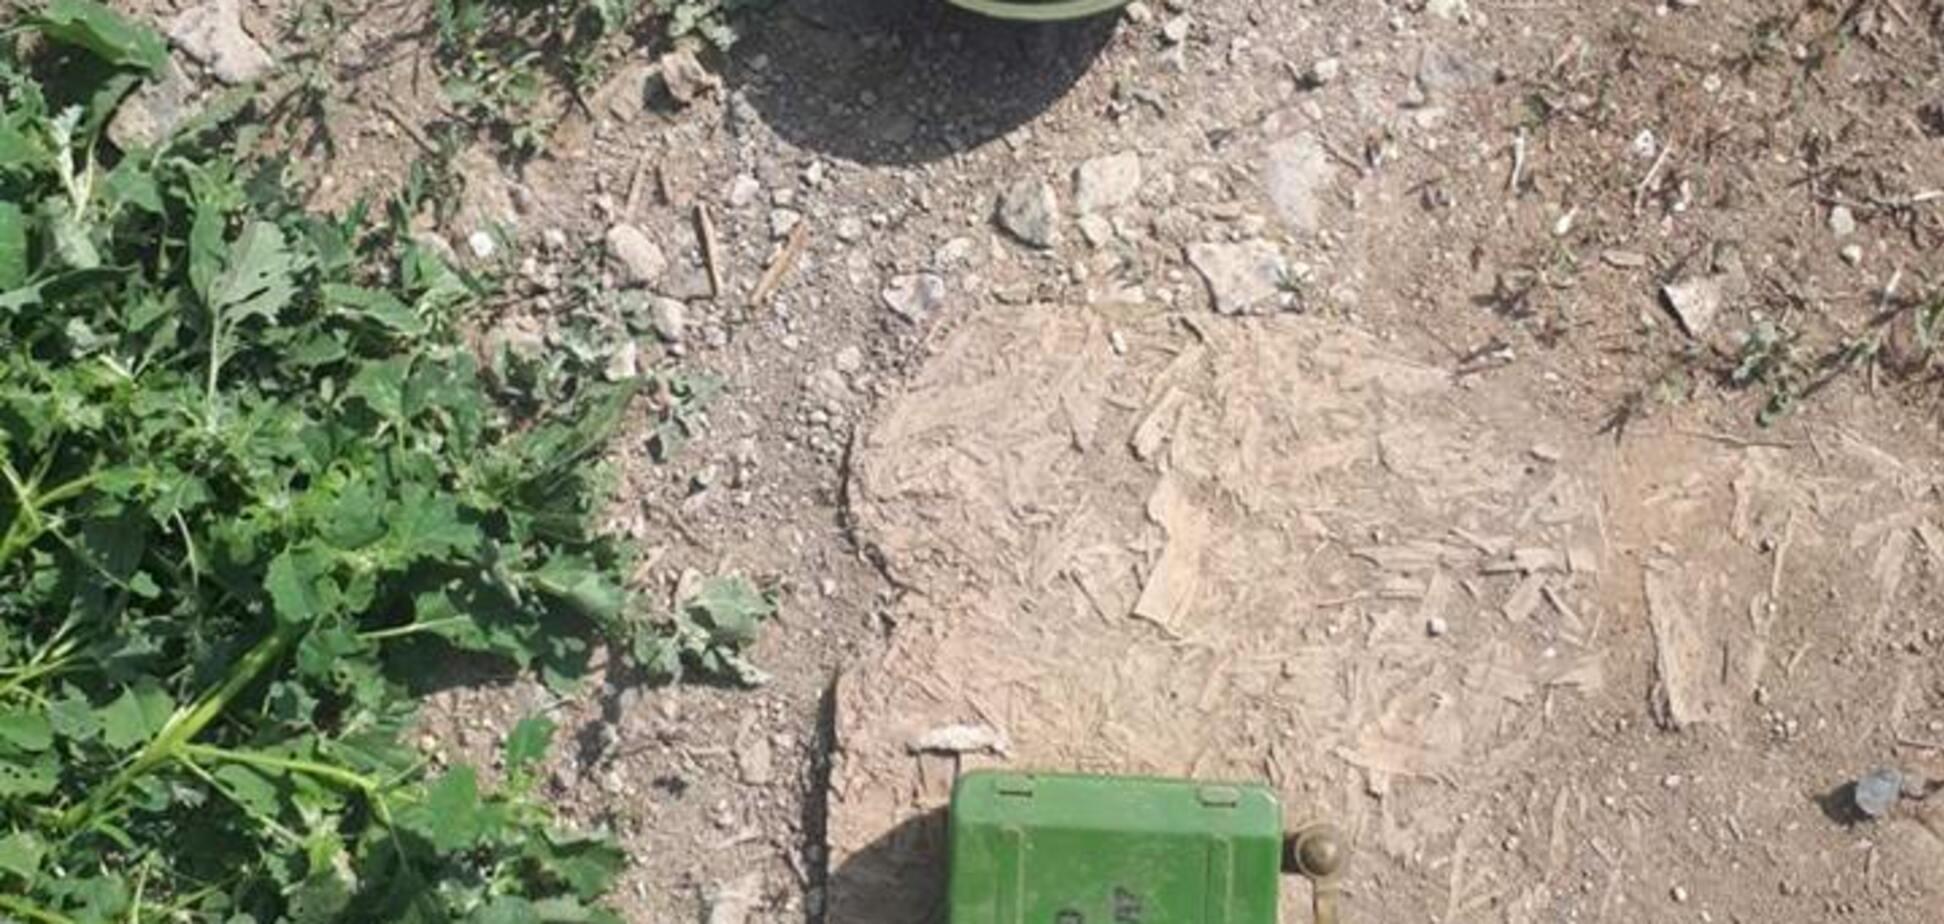 Пограничники нашли российскую мину в зоне ООС